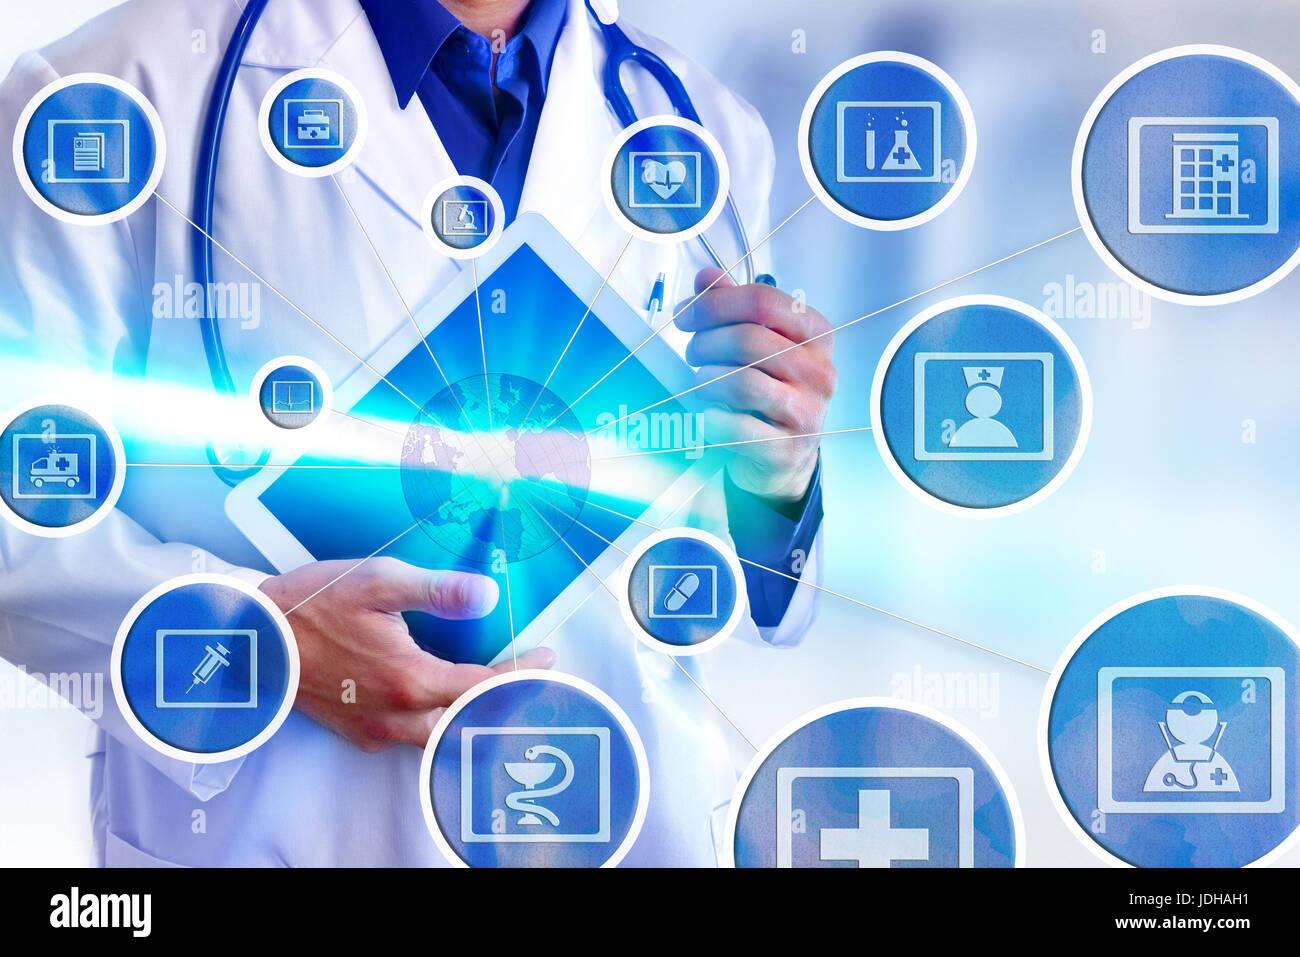 Rappresentazione di campi di comunicazione della medicina e della globalizzazione online con medico il prelievo Immagini Stock